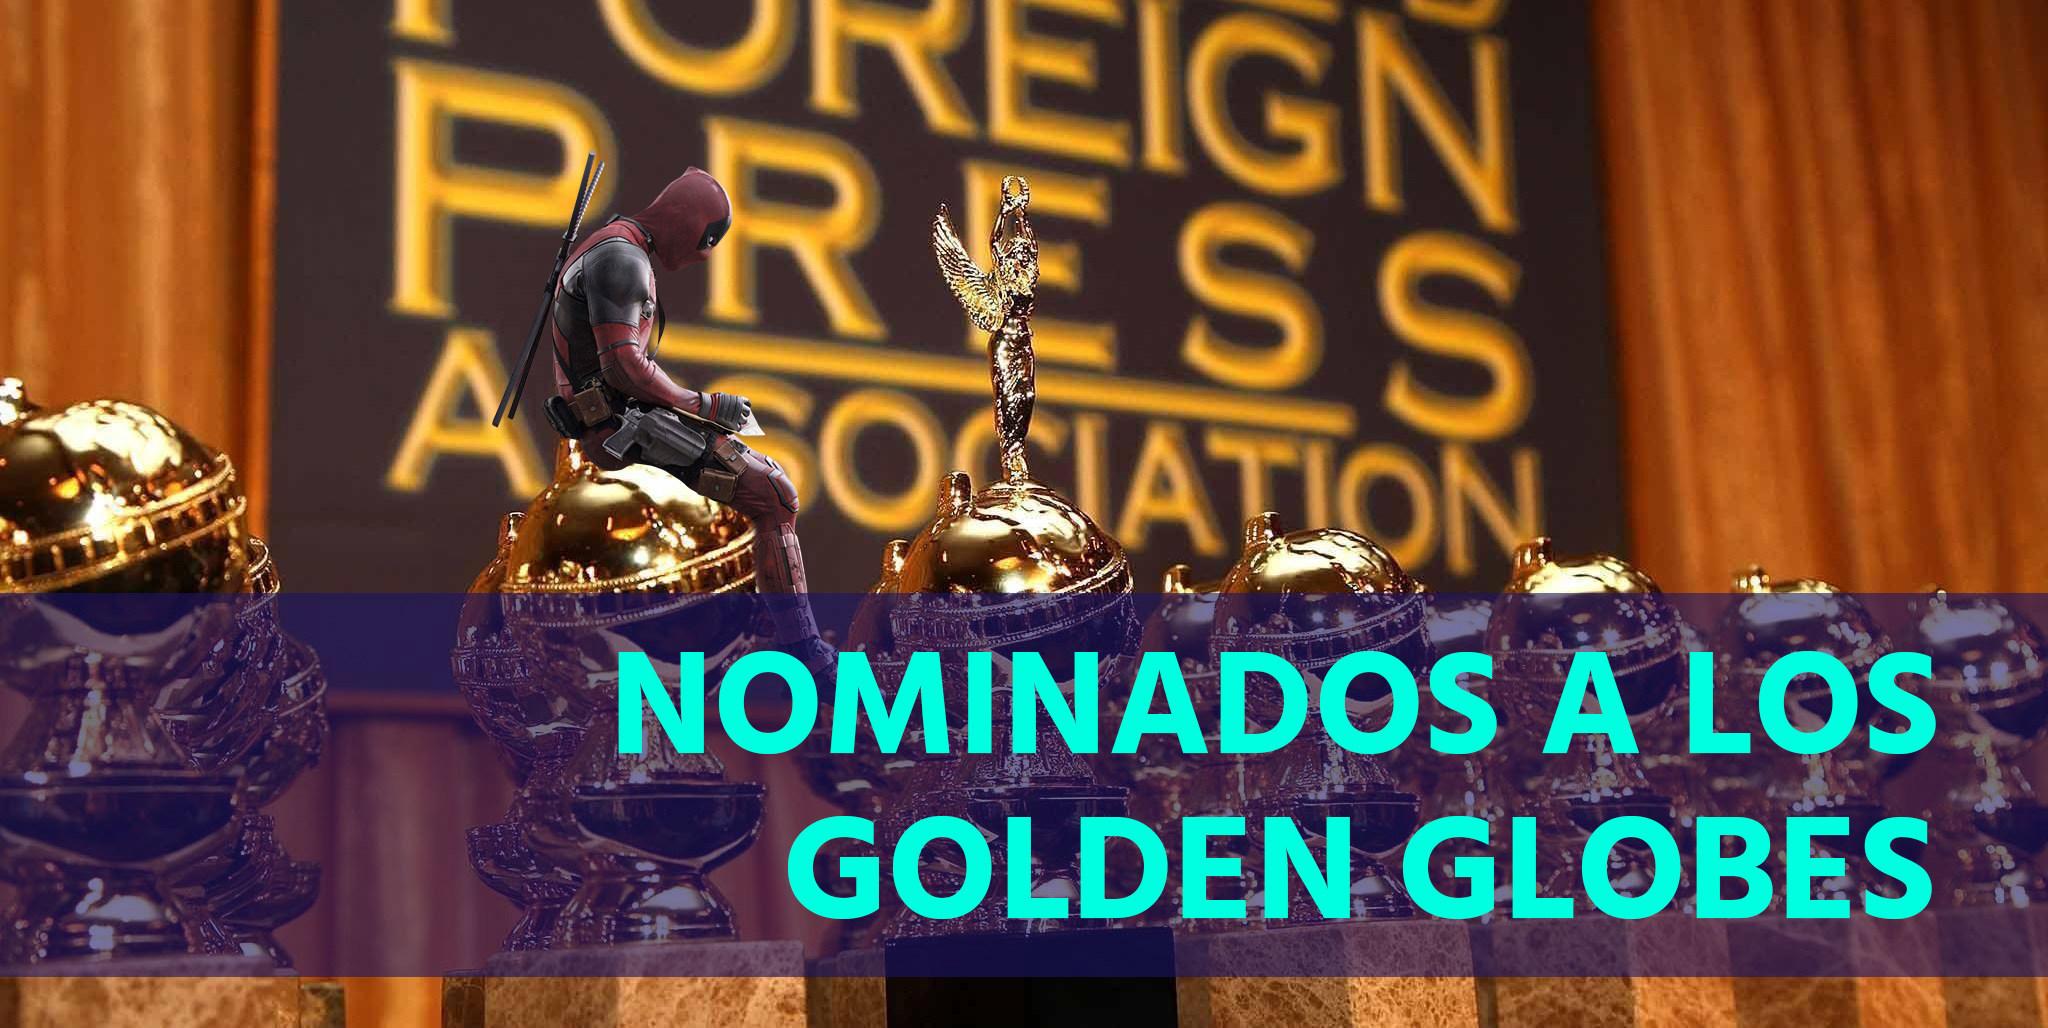 things y westworld entre los nominados a los critics choice awards 2017 deadpool of thrones things y westworld entre los nominados a los golden globes